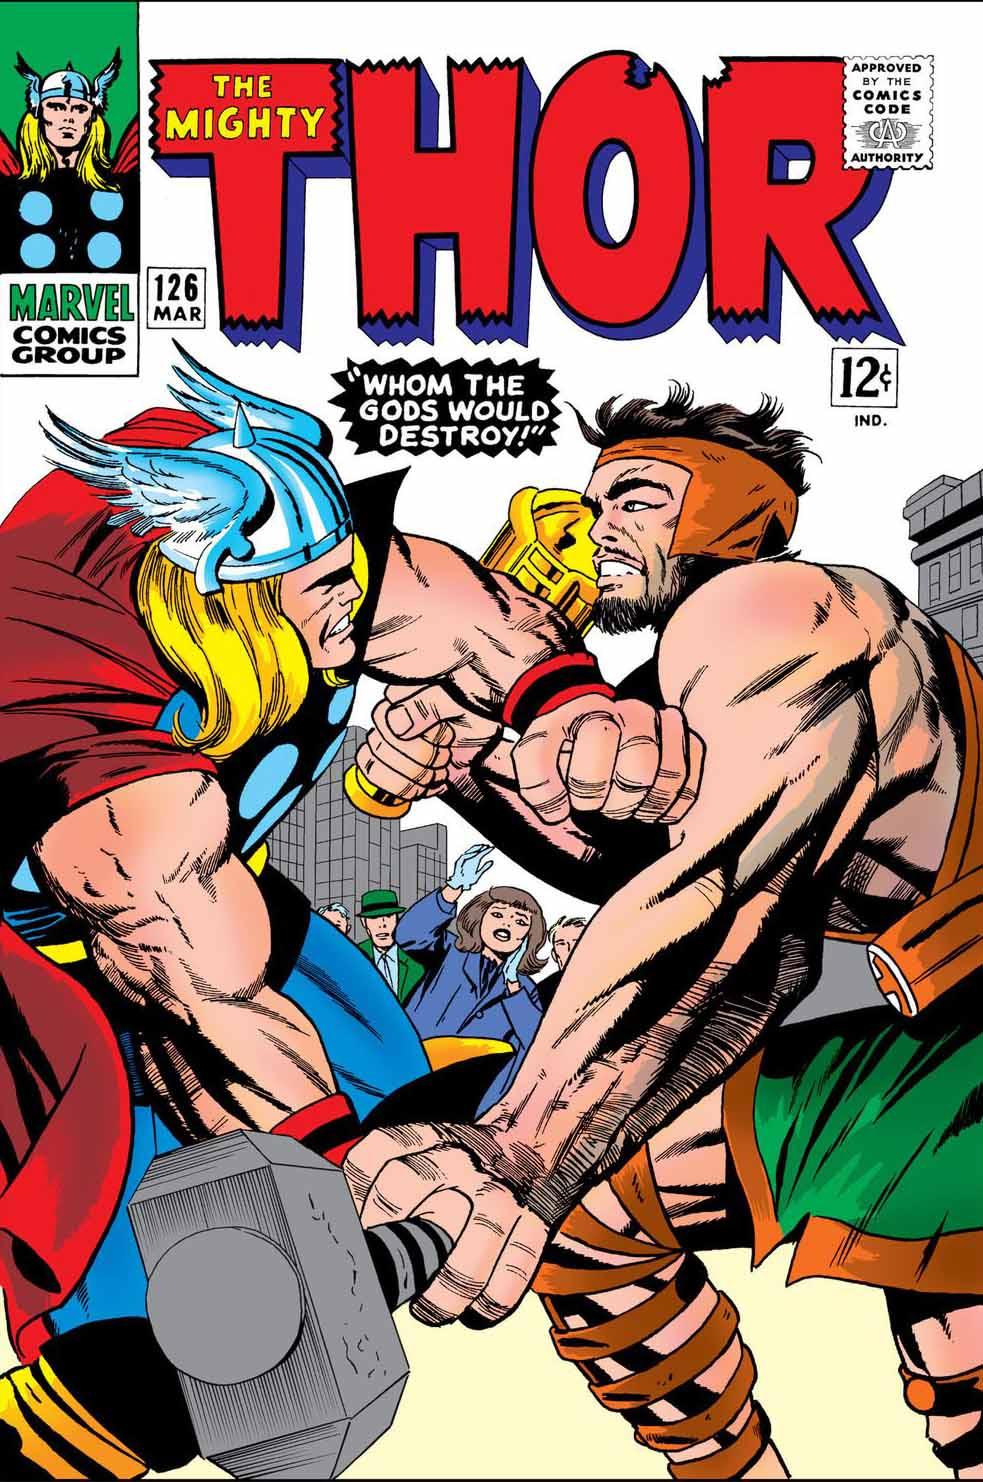 Thor (Lee/Kirby)